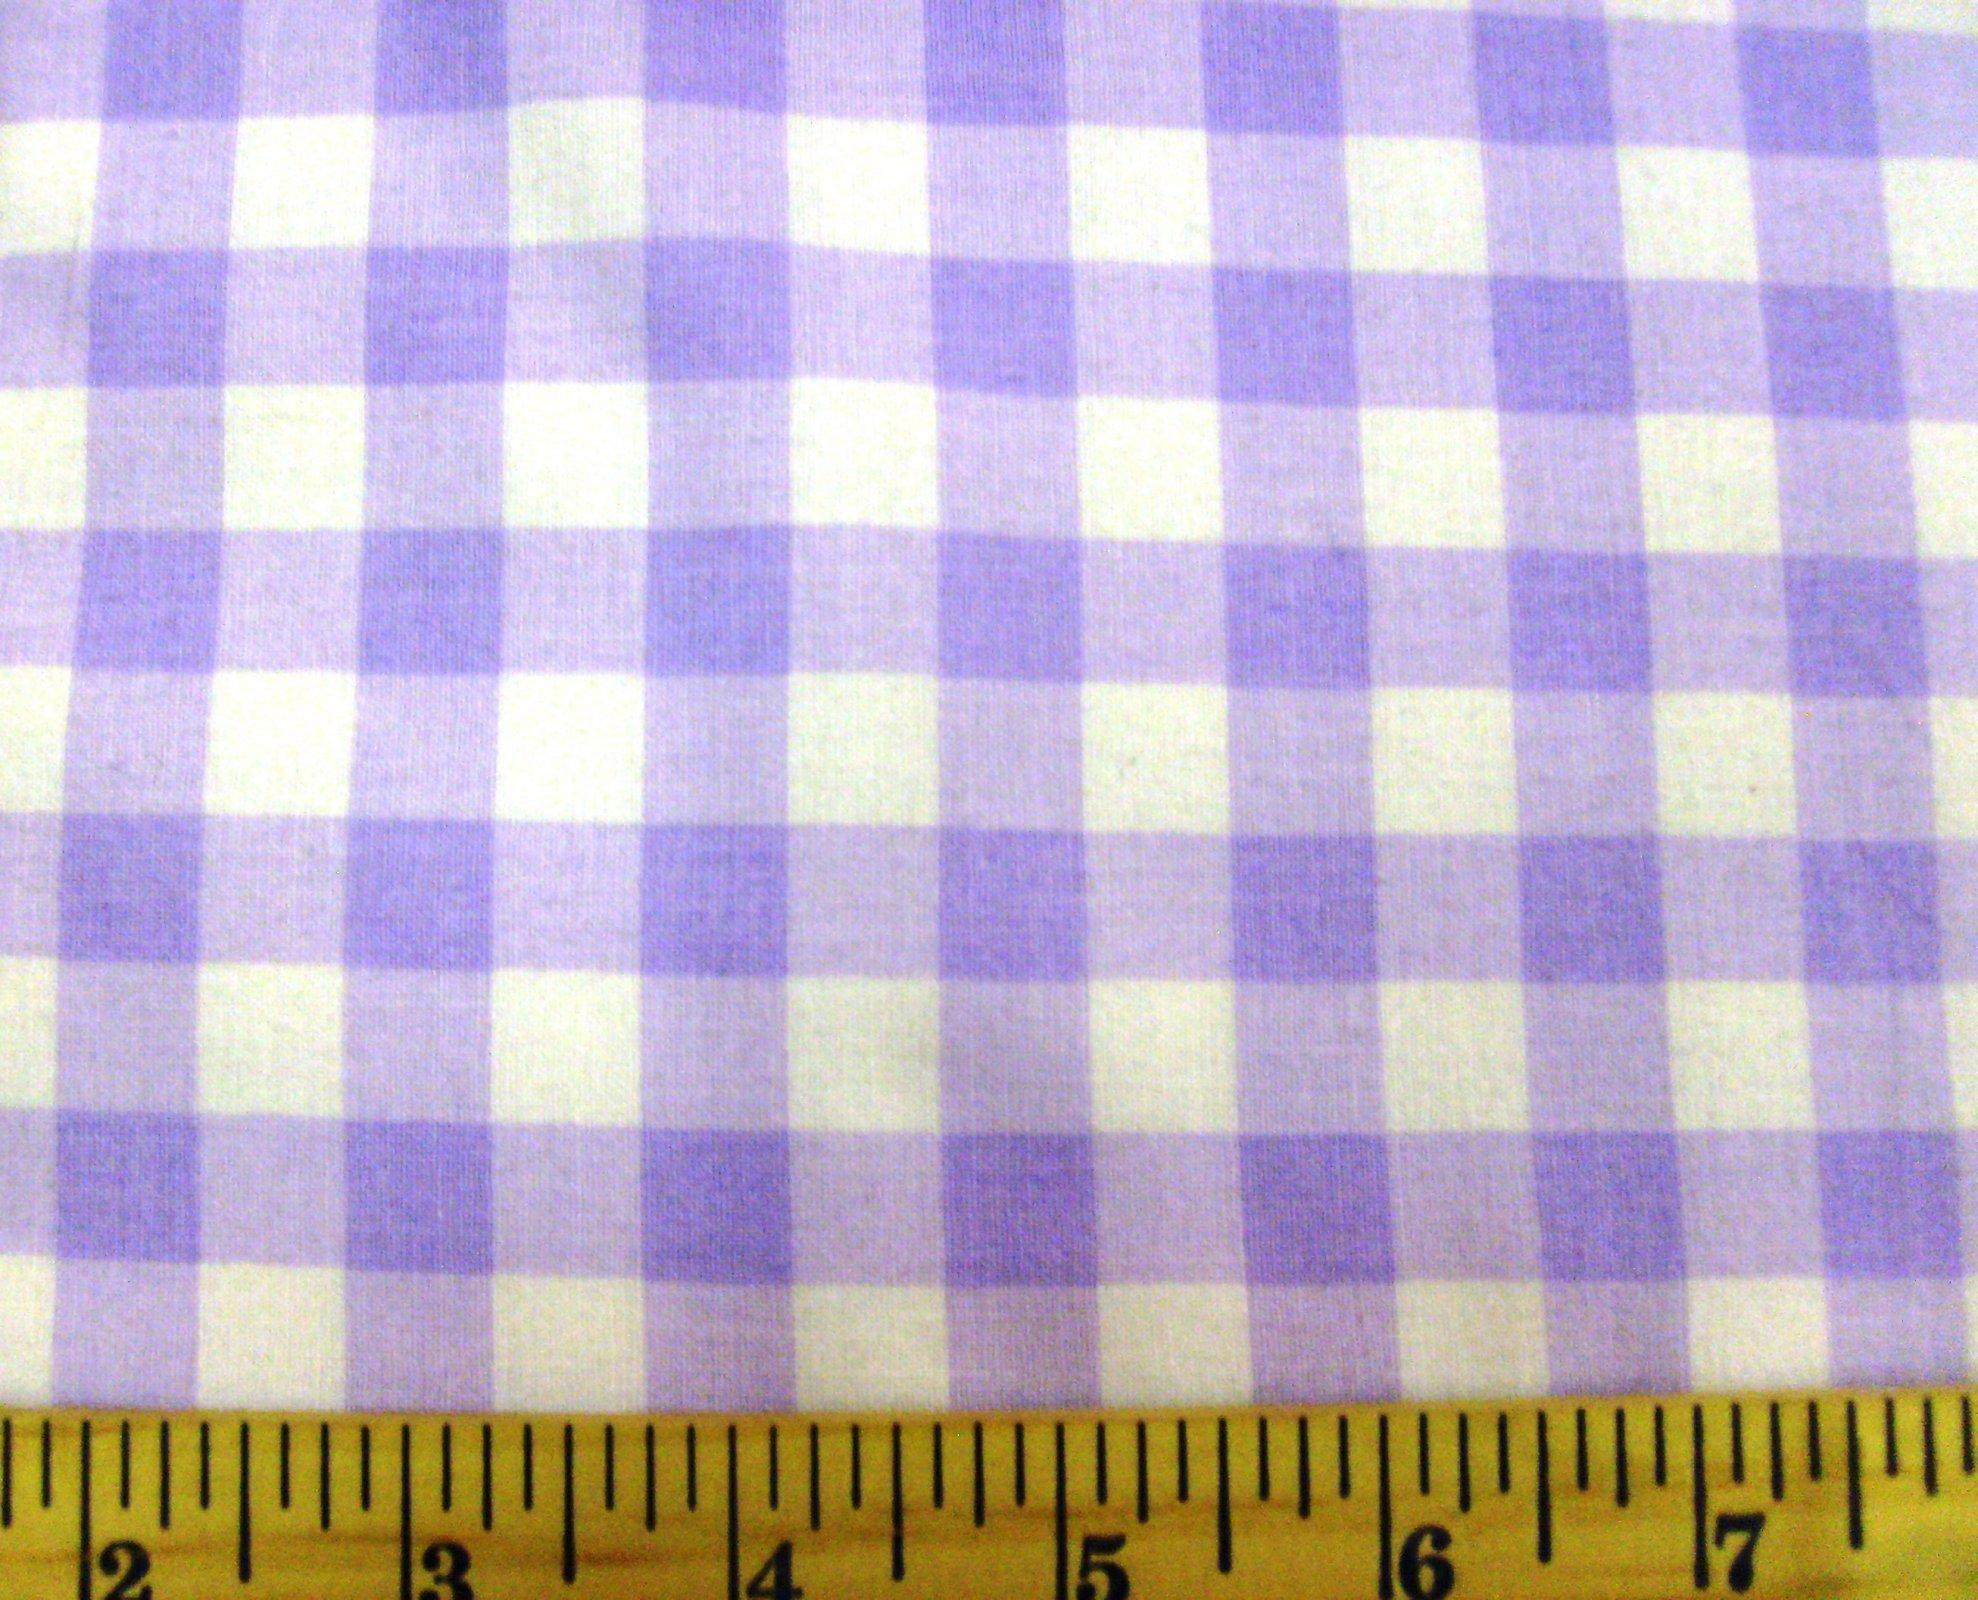 Gingham Checks Lavender 1/2 29397-11